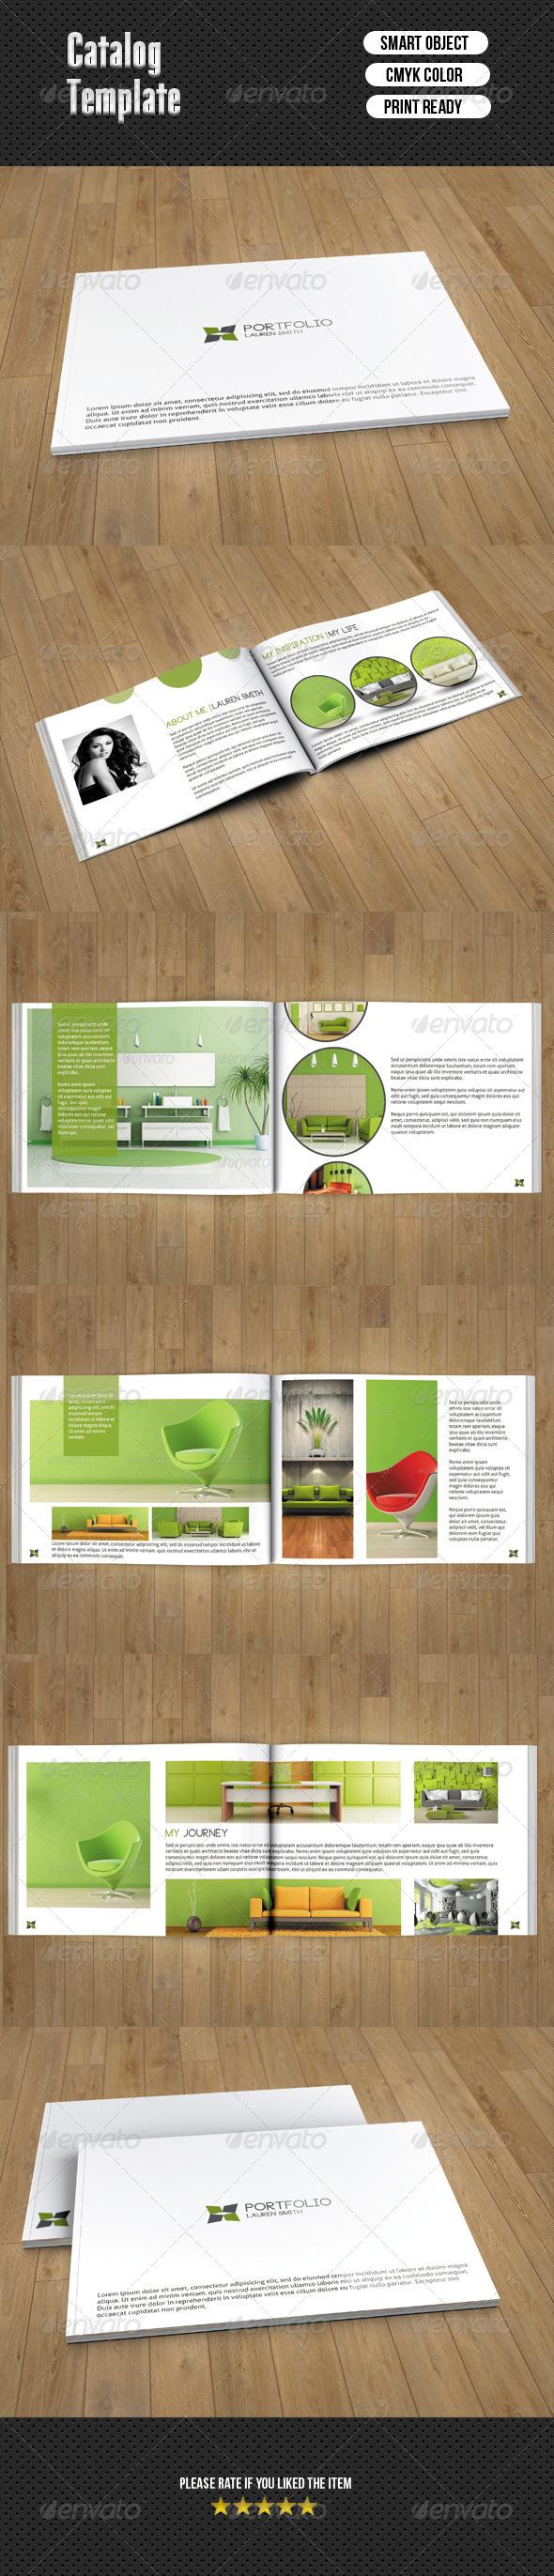 portfolio-catalog